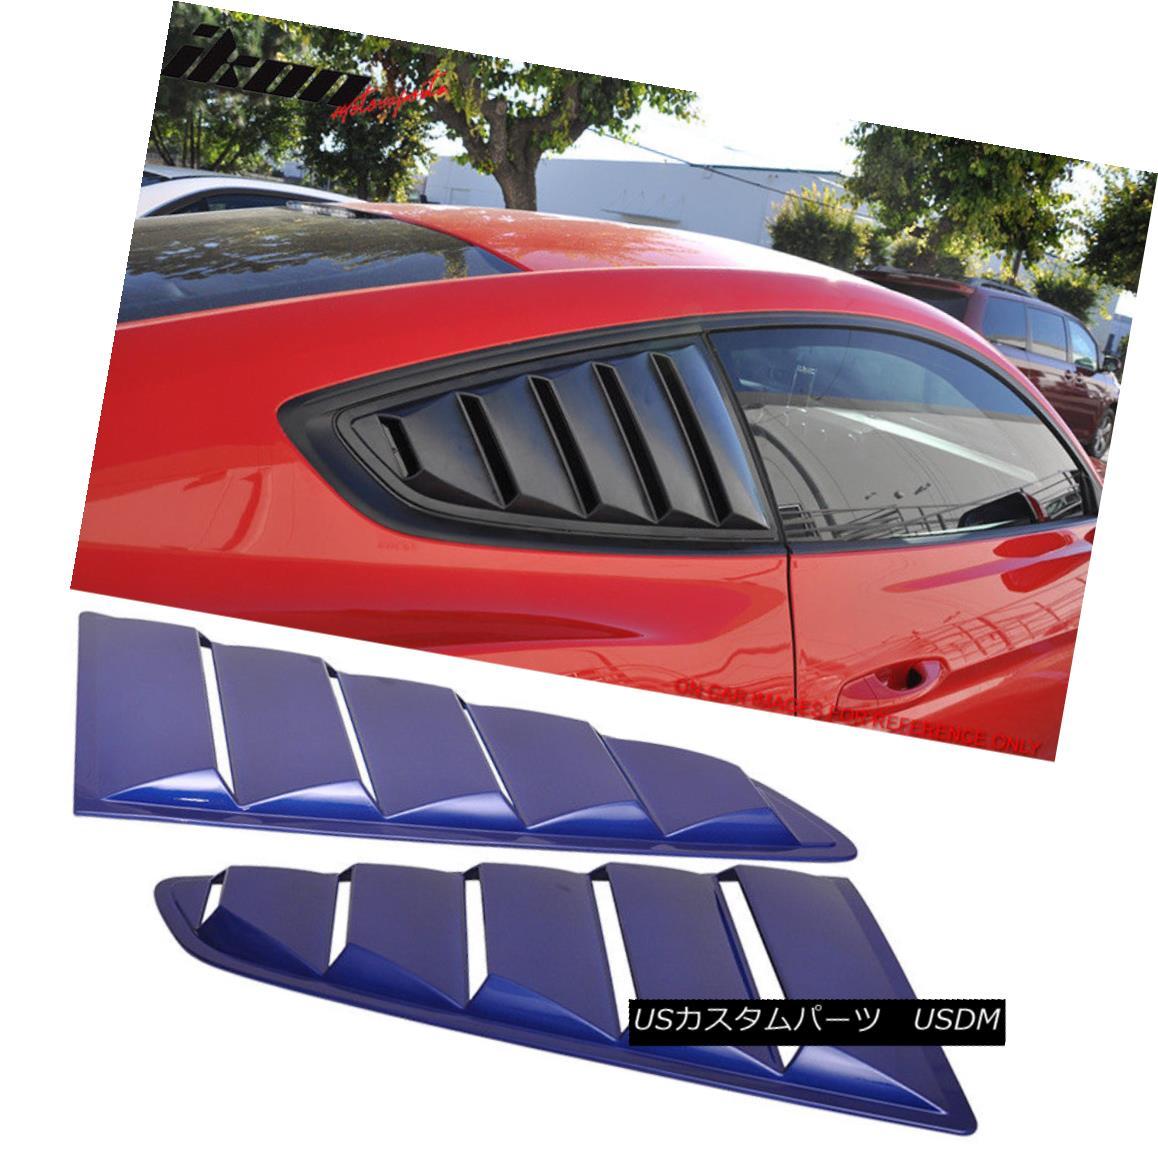 エアロパーツ For 15-18 Ford Mustang OE Style Paint J4 Impact Blue Side Window Louvers 15-18フォードマスタングOEスタイルペイントJ4インパクトブルーサイドウィンドウルーバー